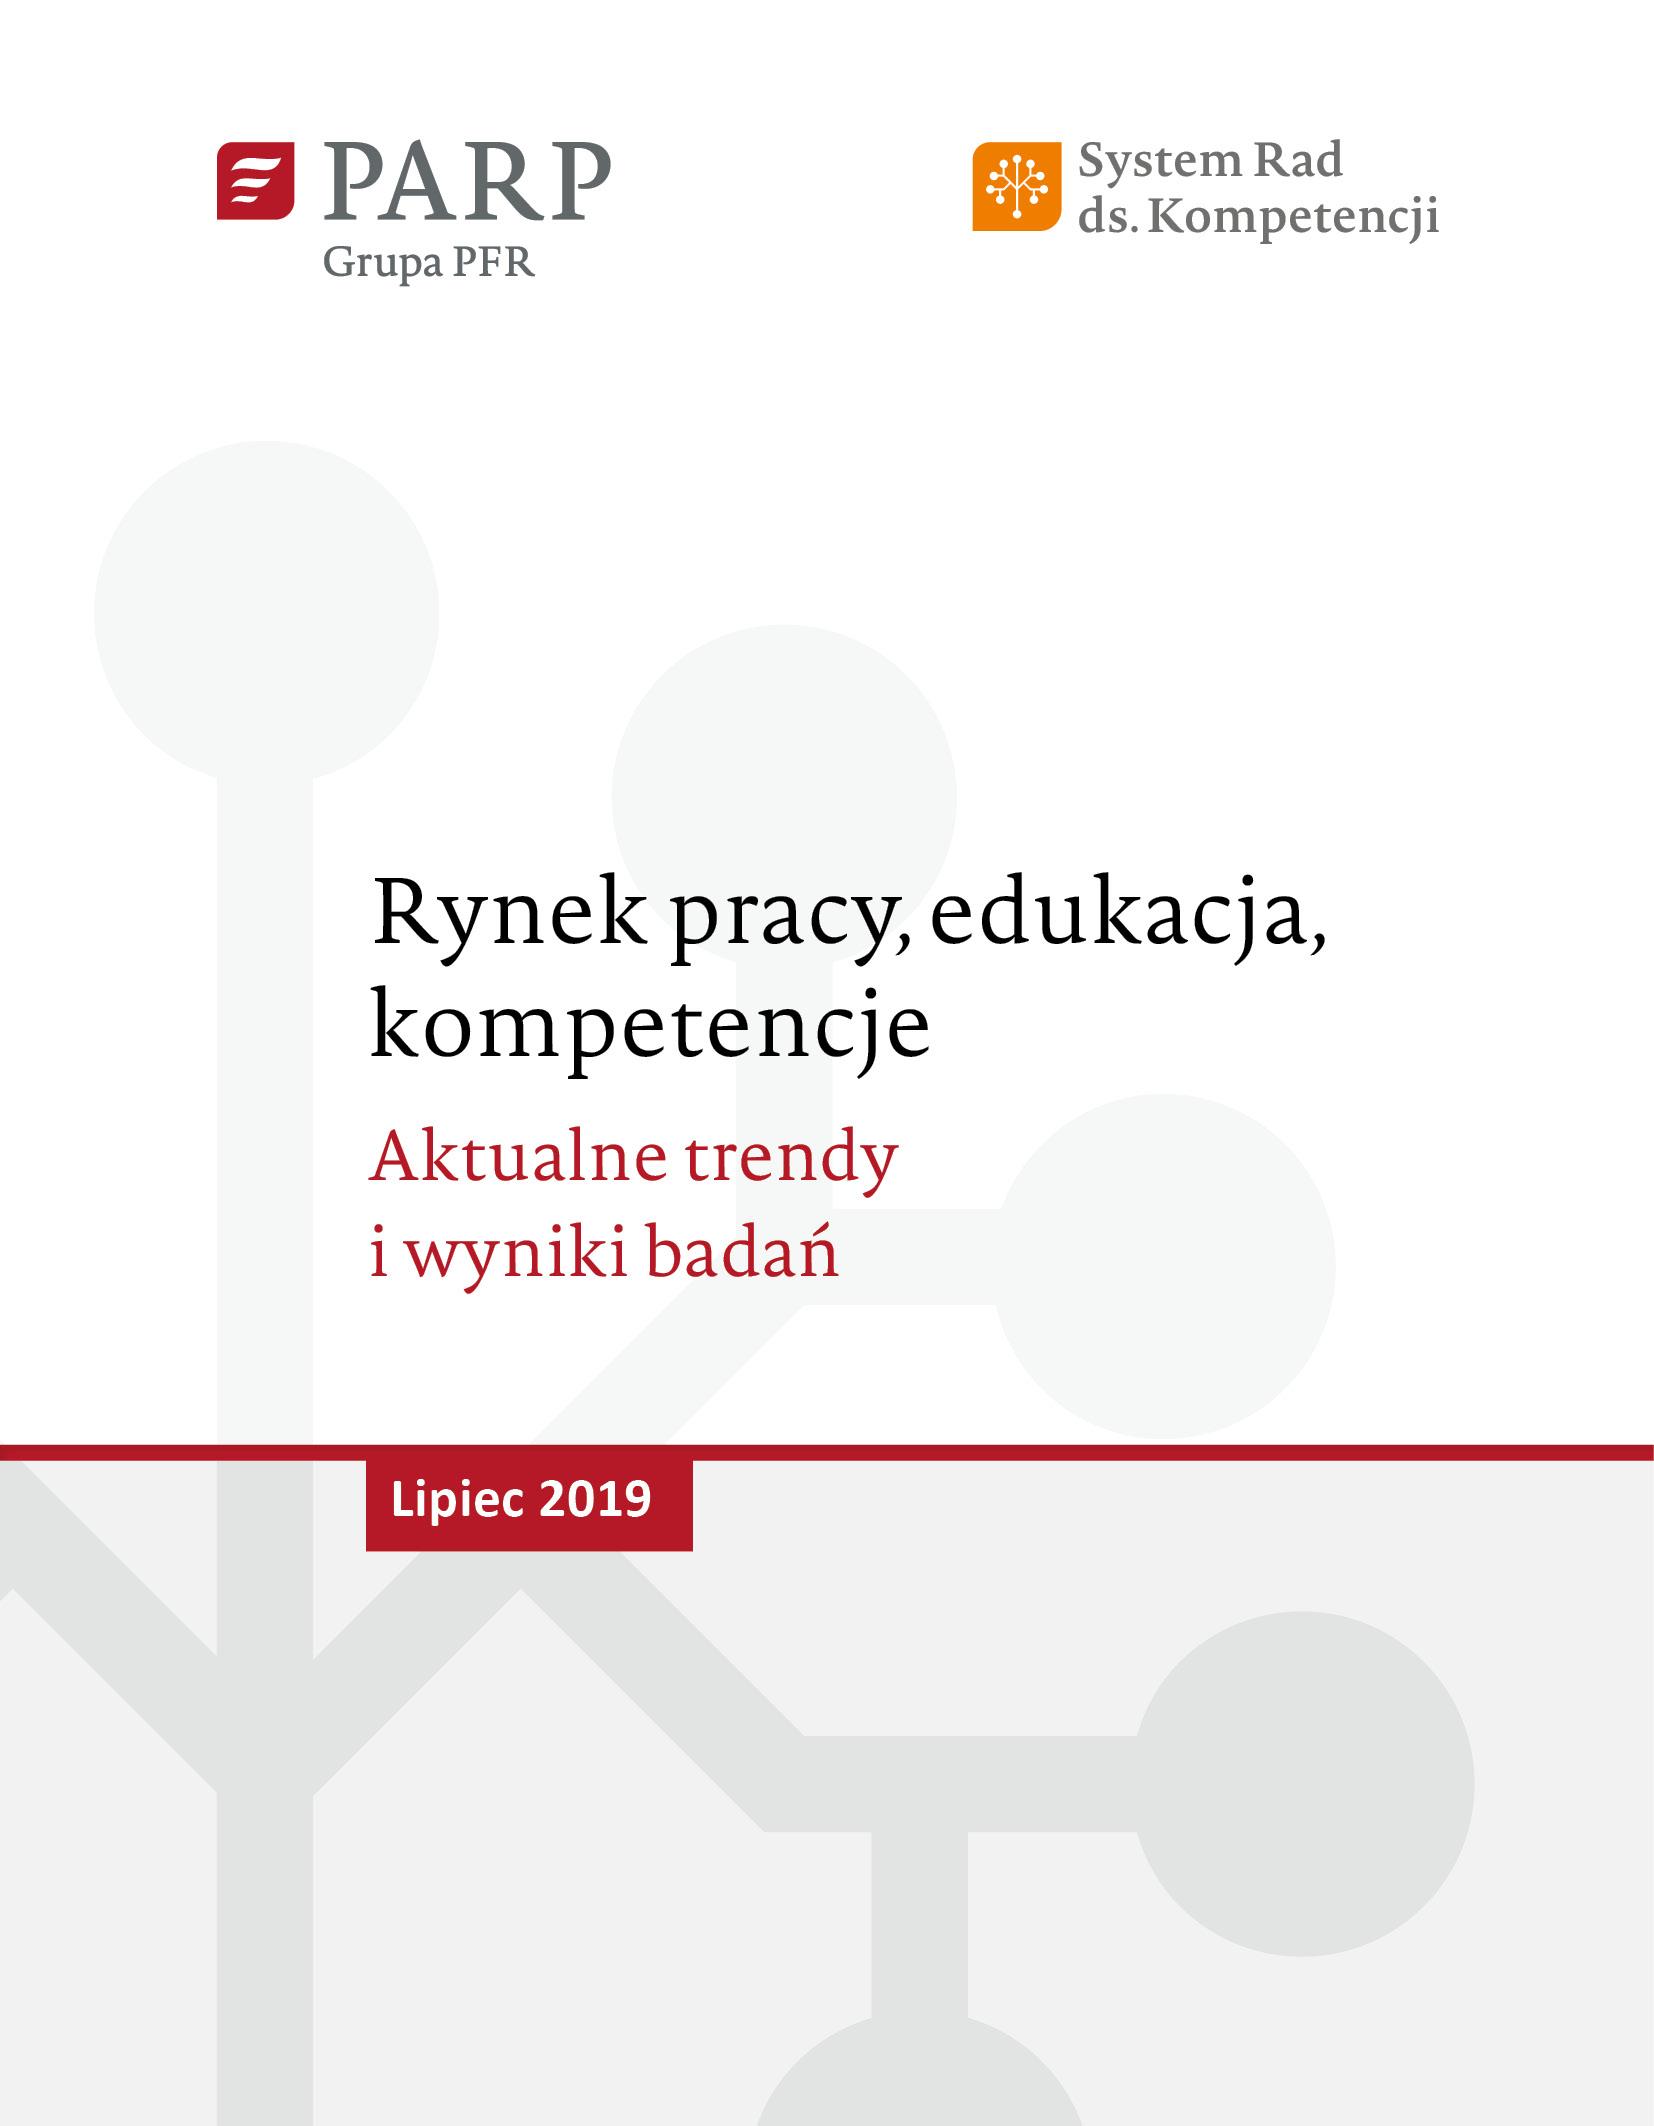 Rynek pracy, edukacja, kompetencje - lipiec 2019